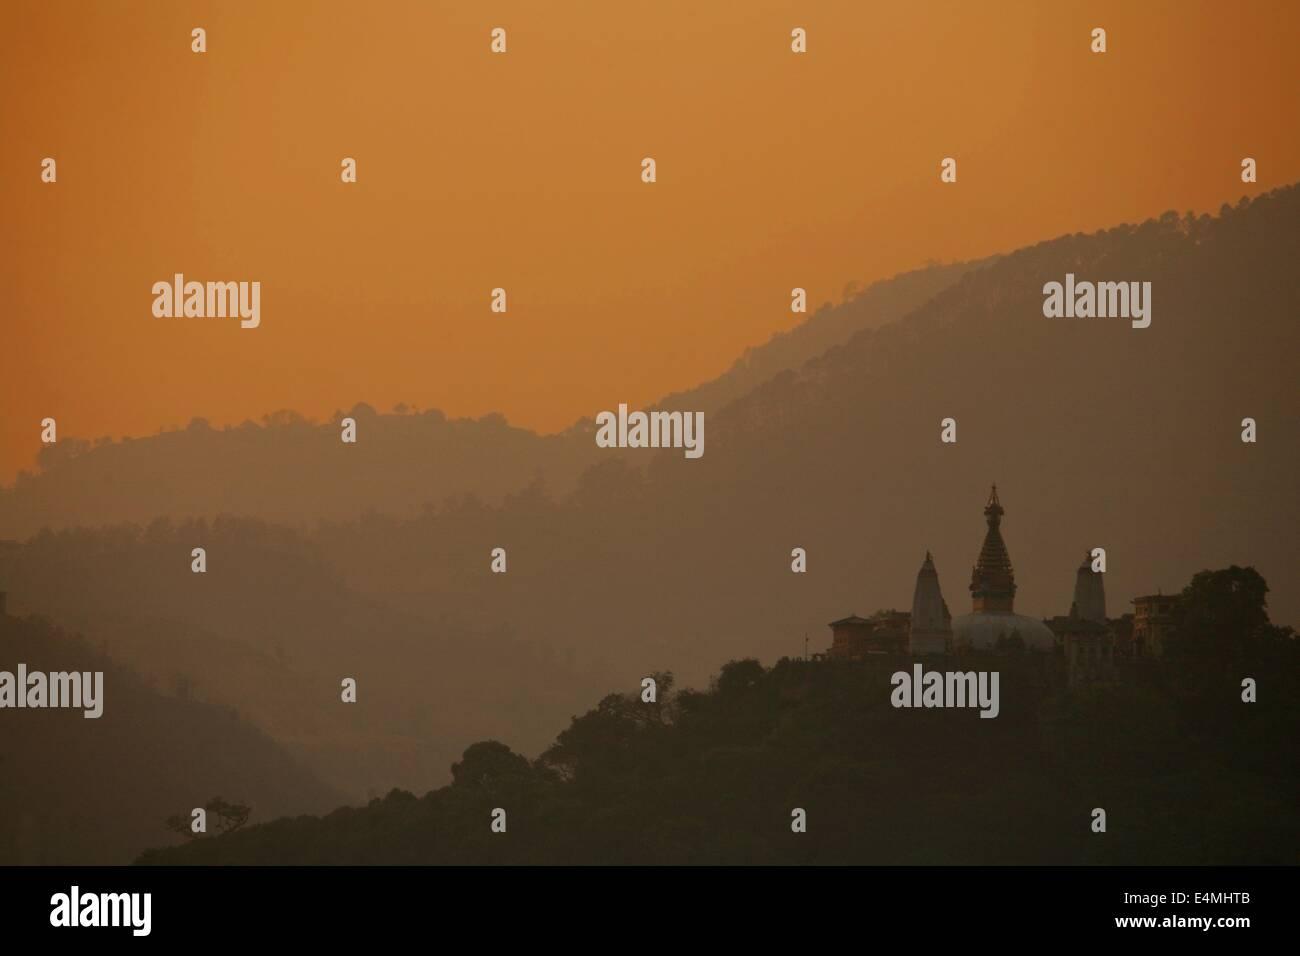 Swayambunath monkey temple in Kathmandu Nepal at sunset - Stock Image